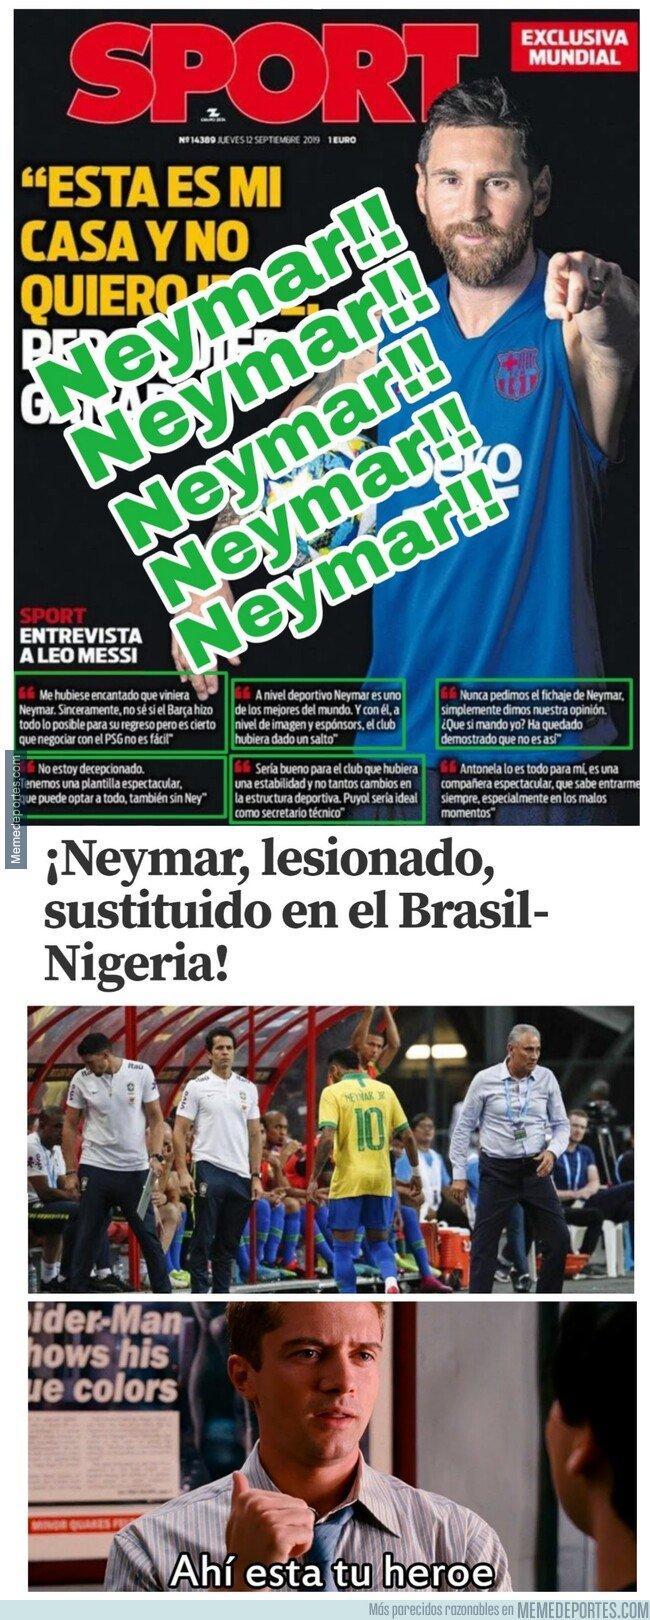 1088397 - Tanto jodían con Neymar, soltar más de 150 millones por un tío camino a los 30